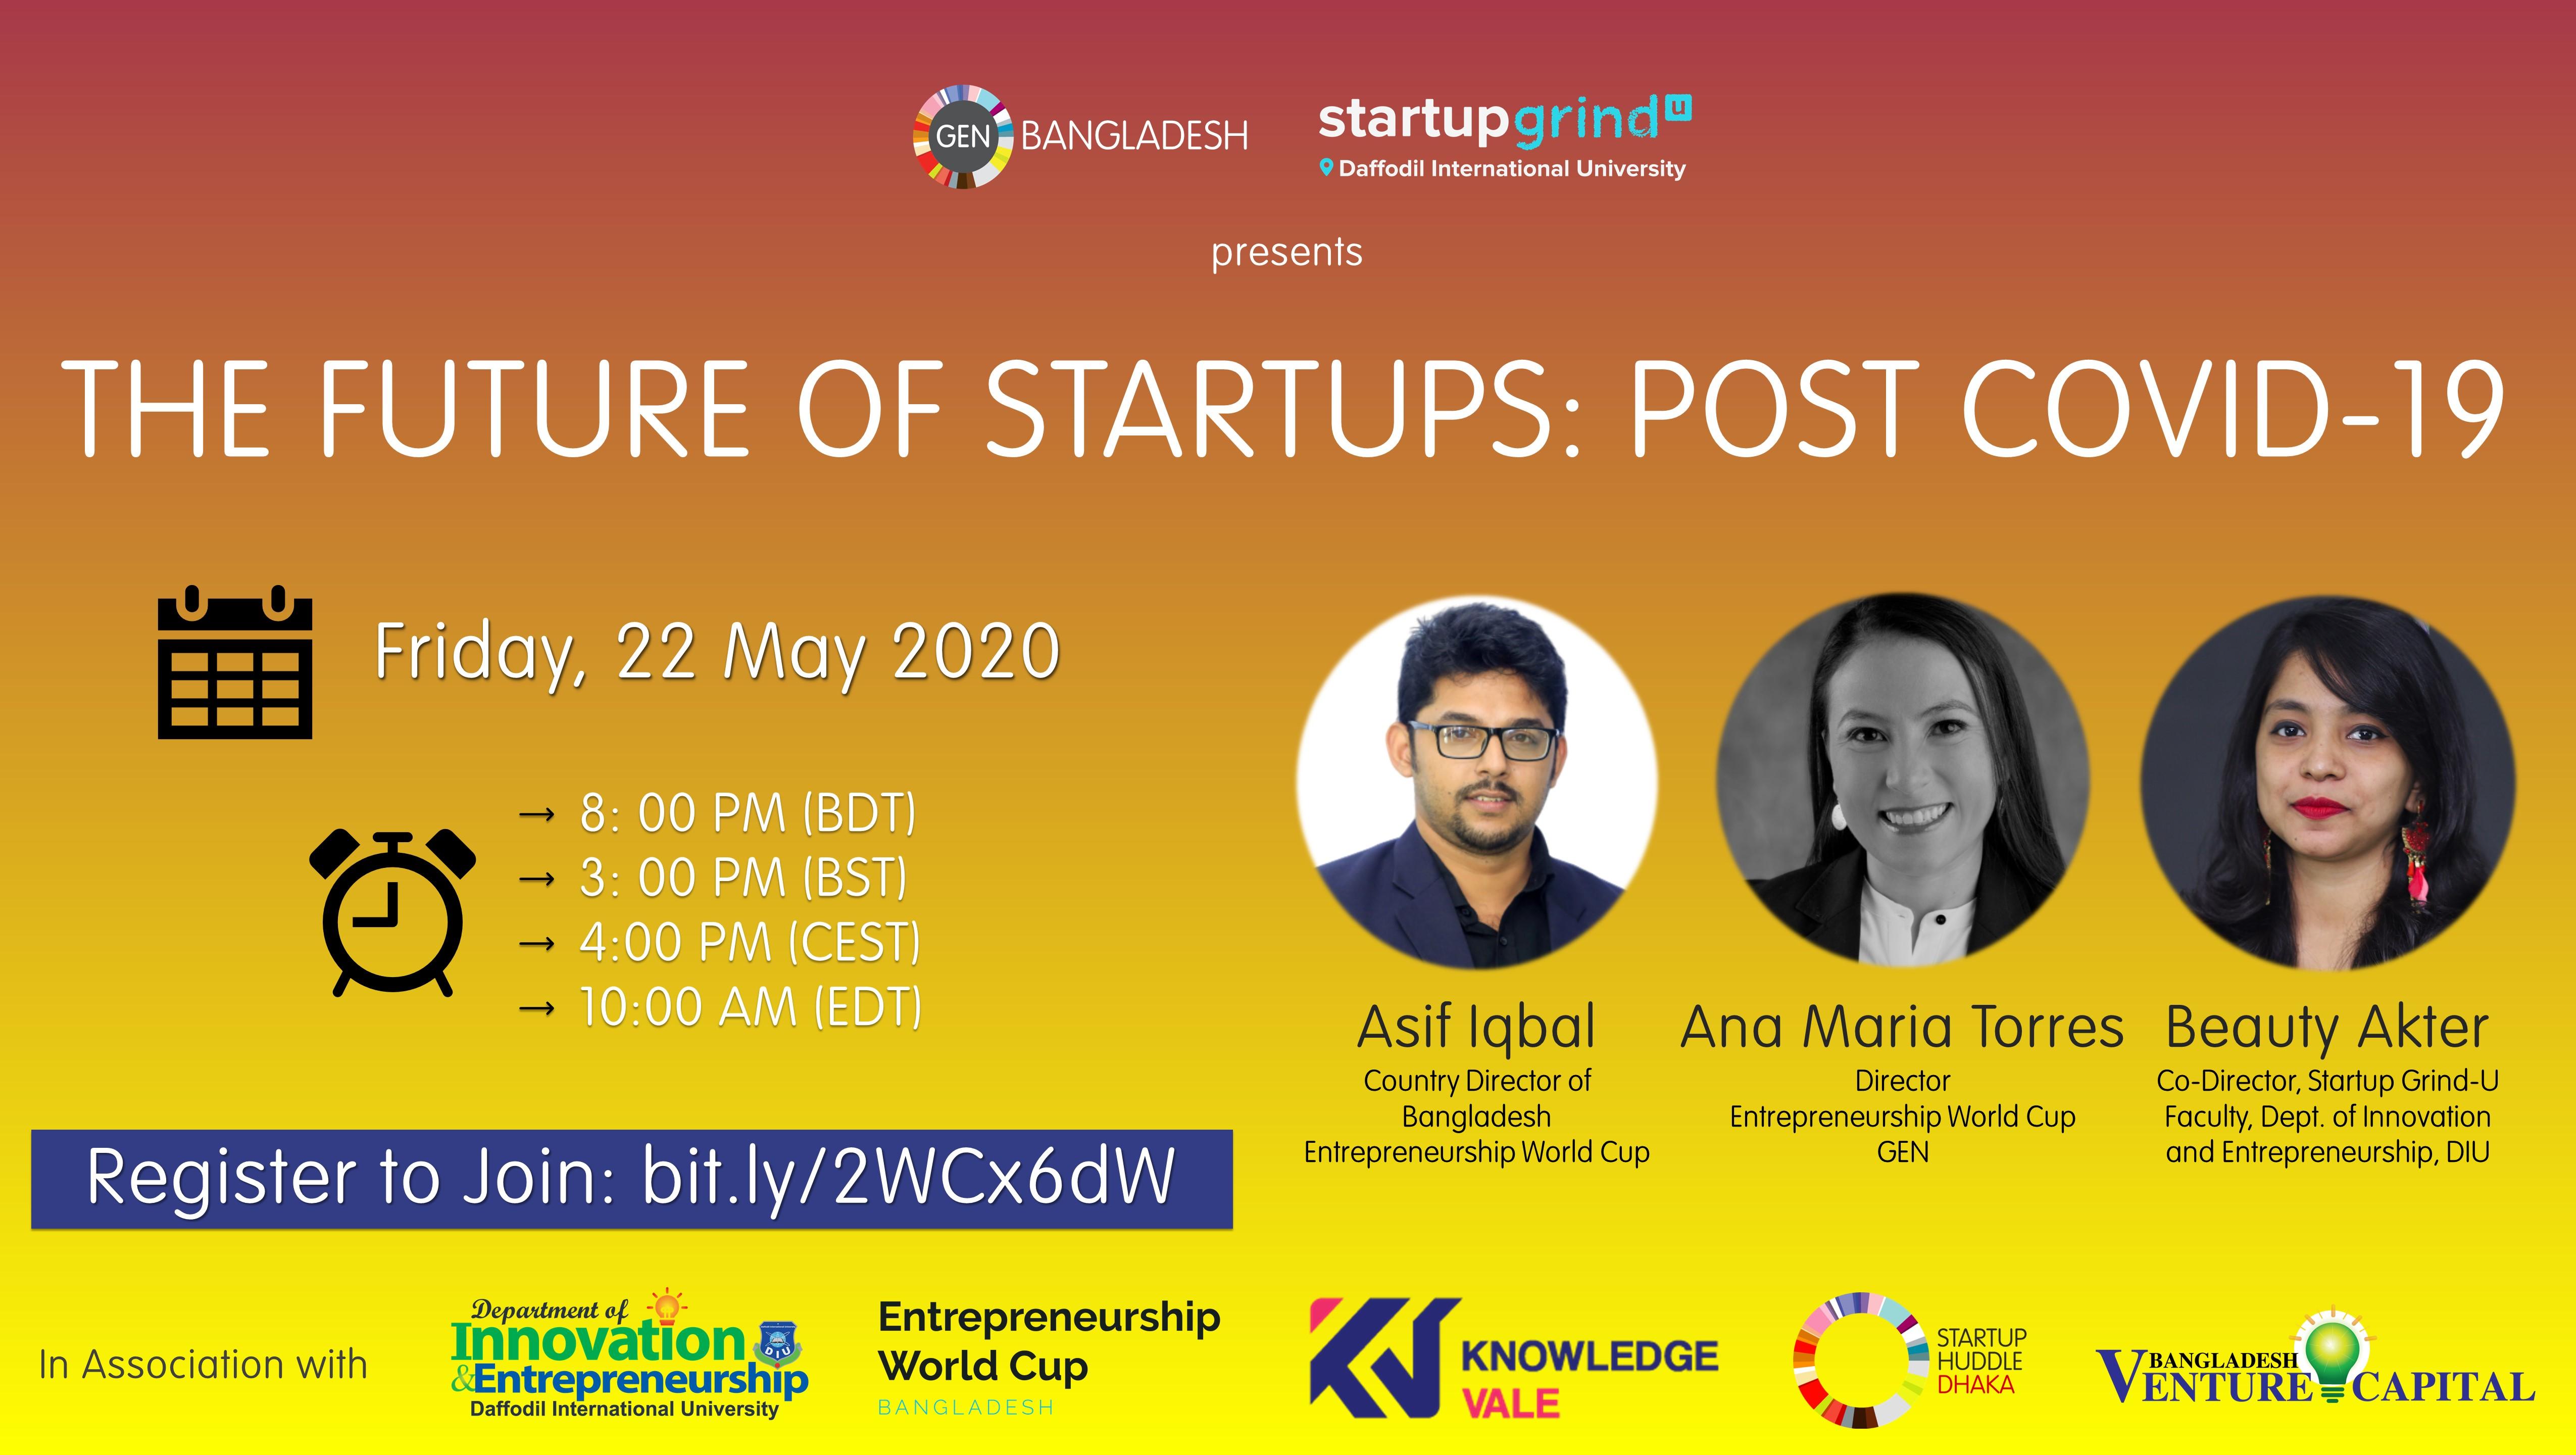 The Future of Startups Post COVID-19